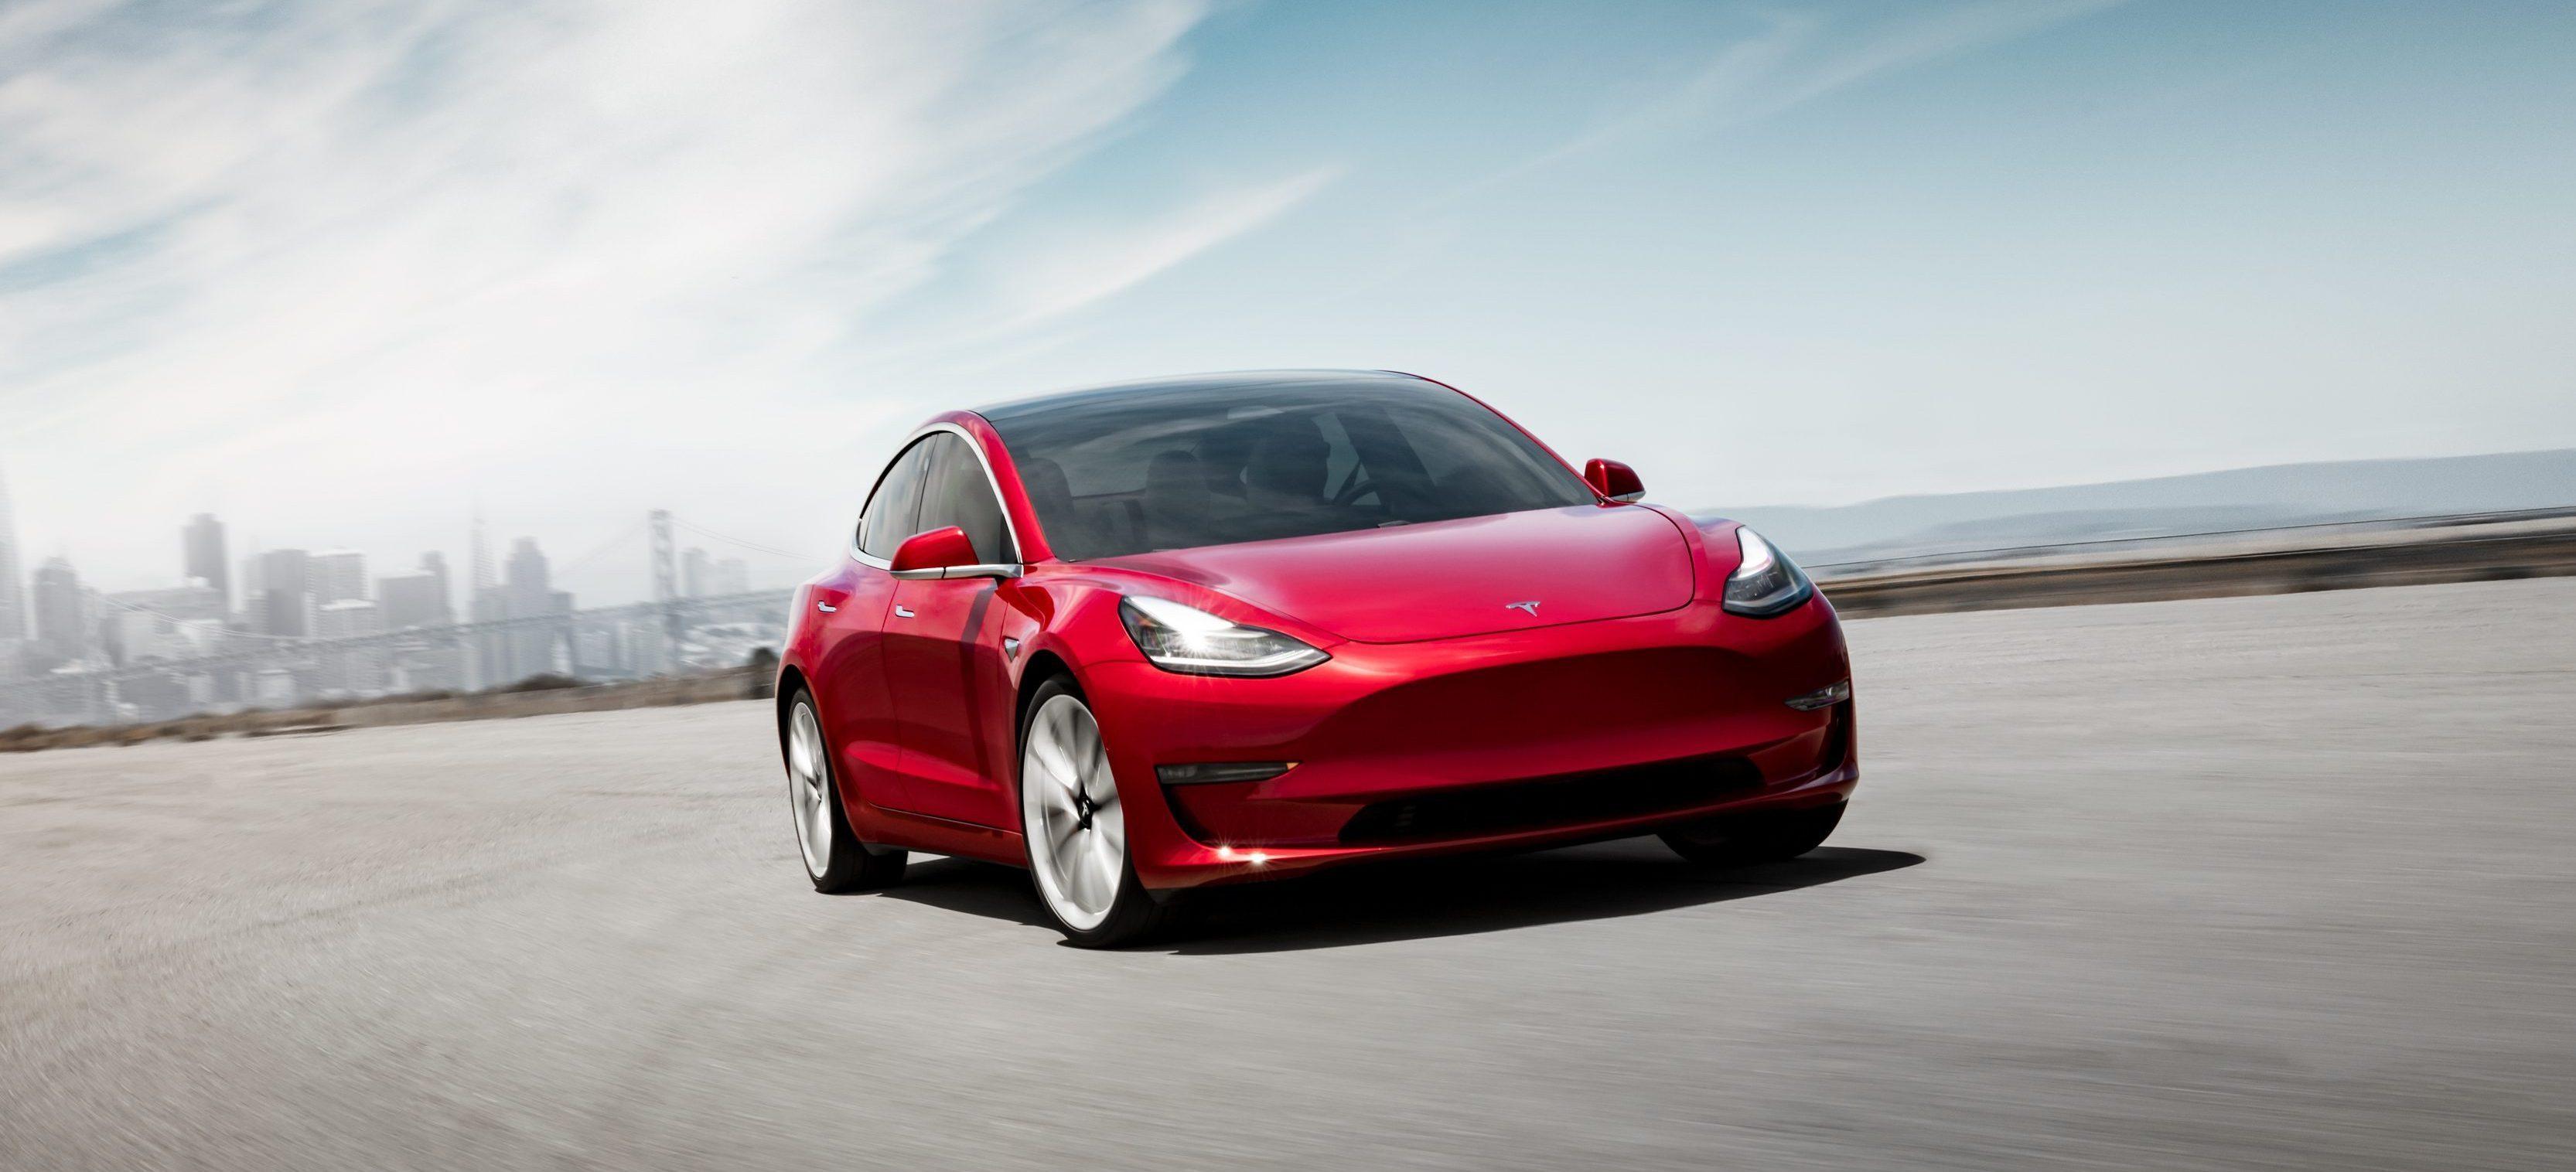 Tesla открыла предзаказы на Model 3 в Европе и Китае